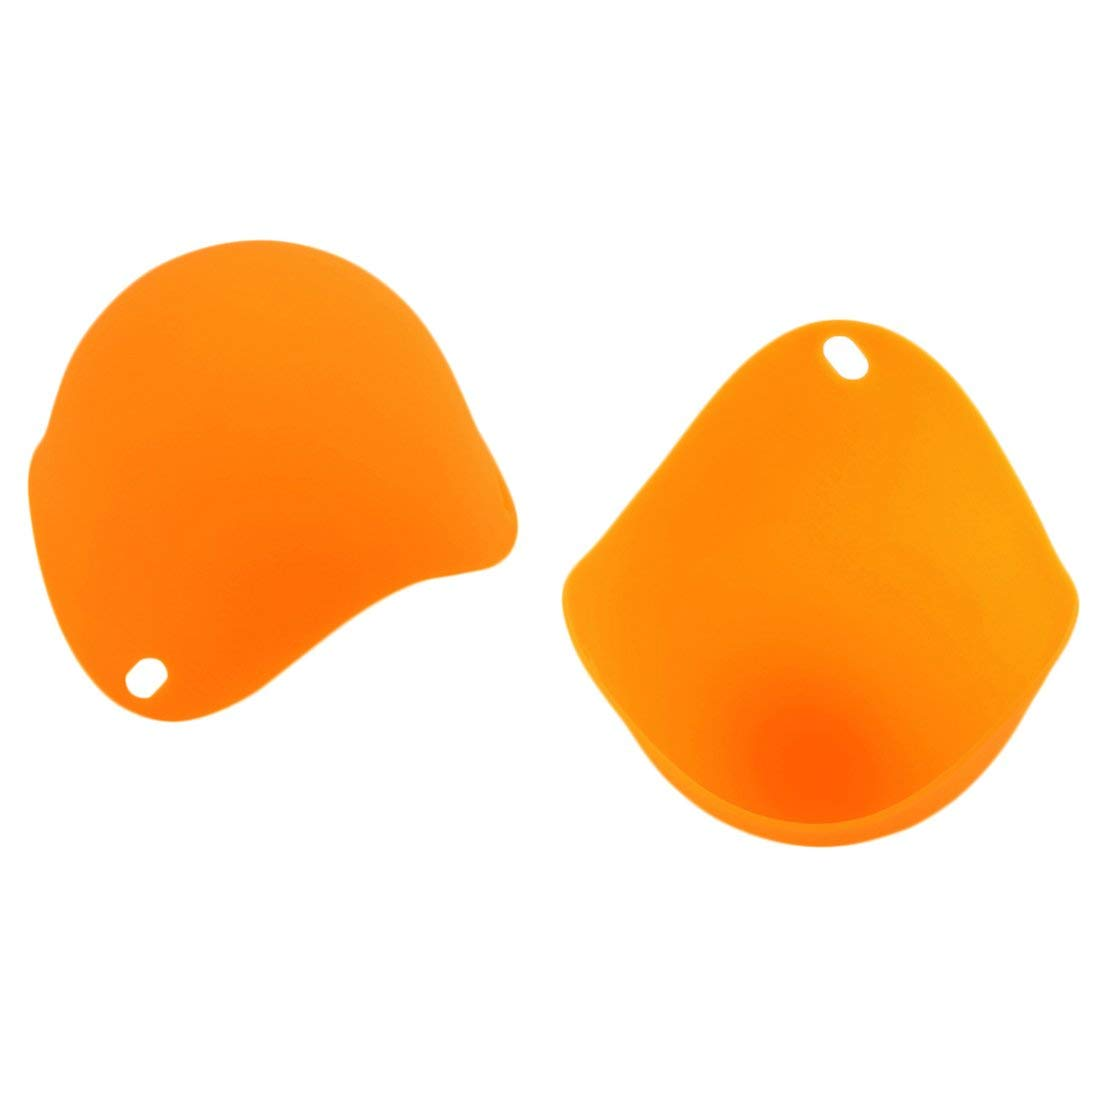 DFHJSXDFRGHXFGH-ES 2 PCS Silicona Huevo furtivo Bandeja de Huevos ...